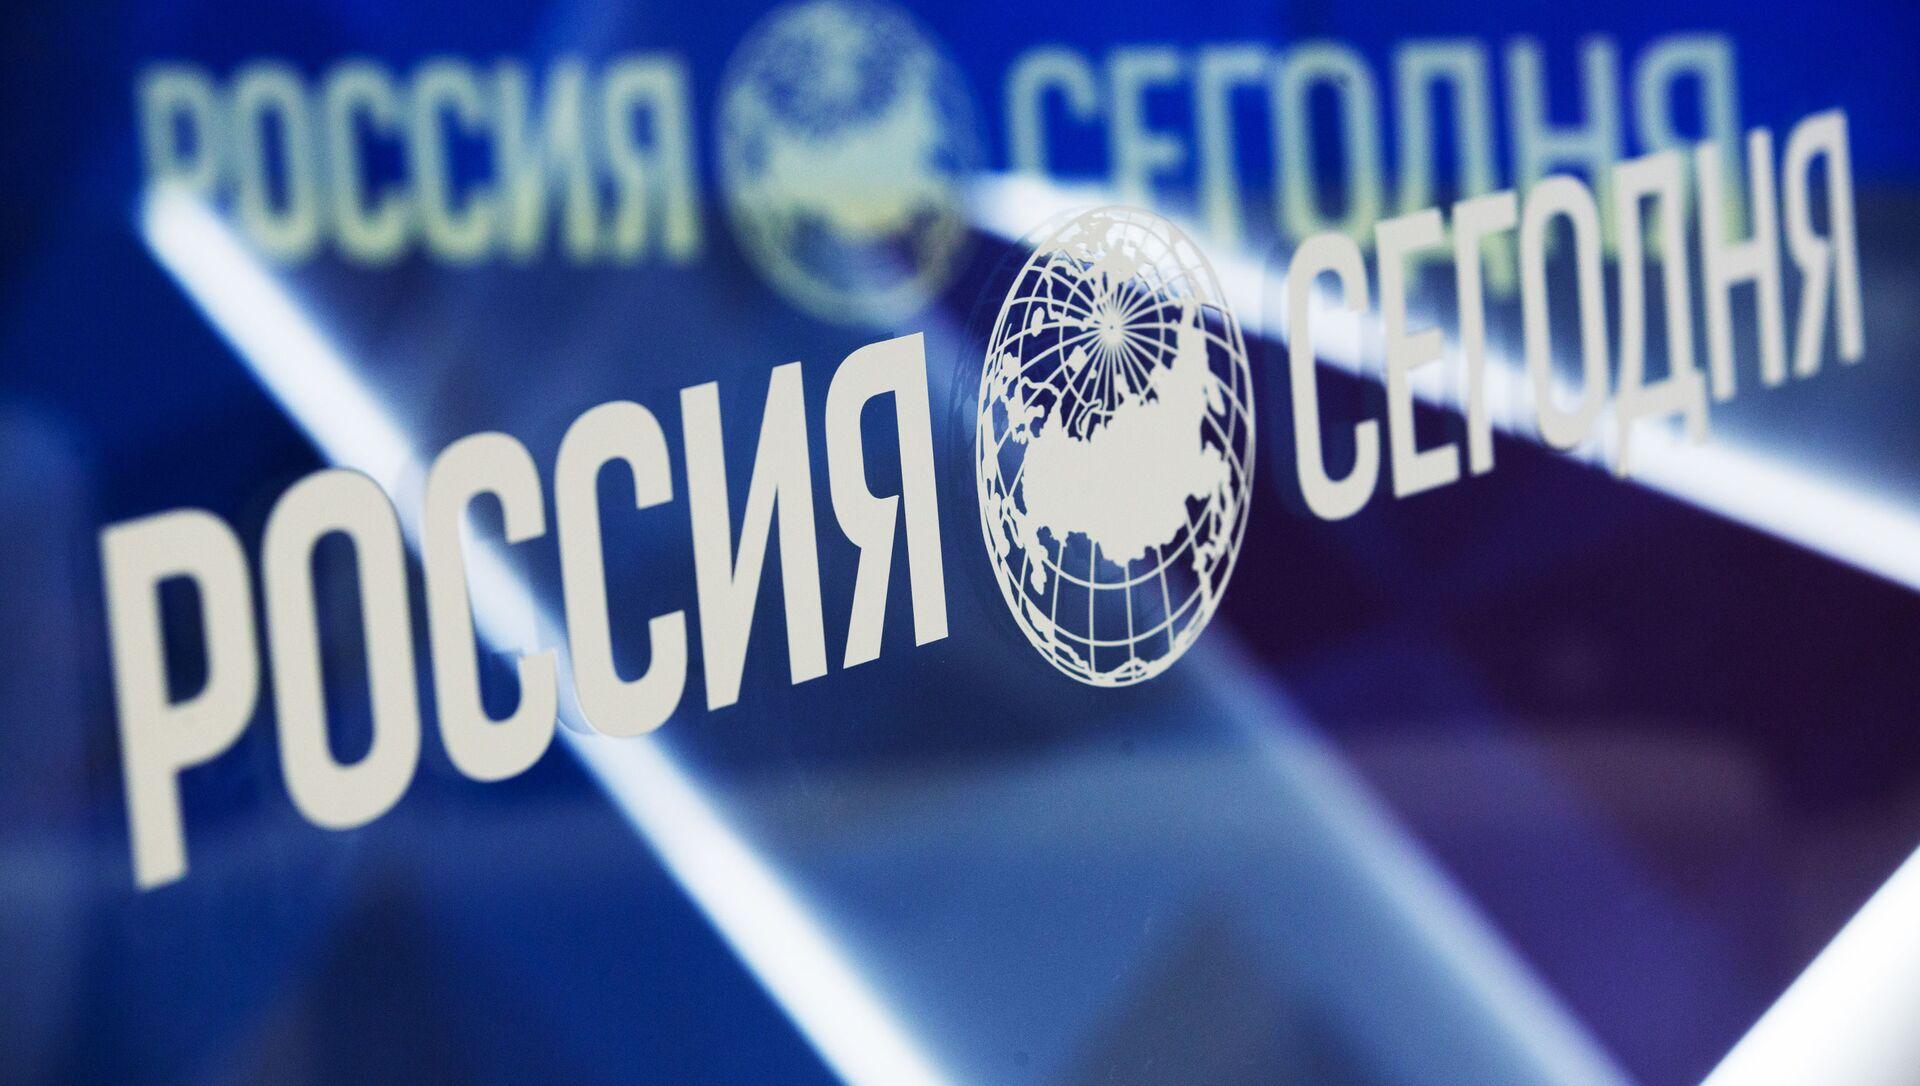 Логотип на павильоне МИА Россия сегодня на XX Петербургском международном экономическом форуме. - Sputnik Абхазия, 1920, 27.09.2021